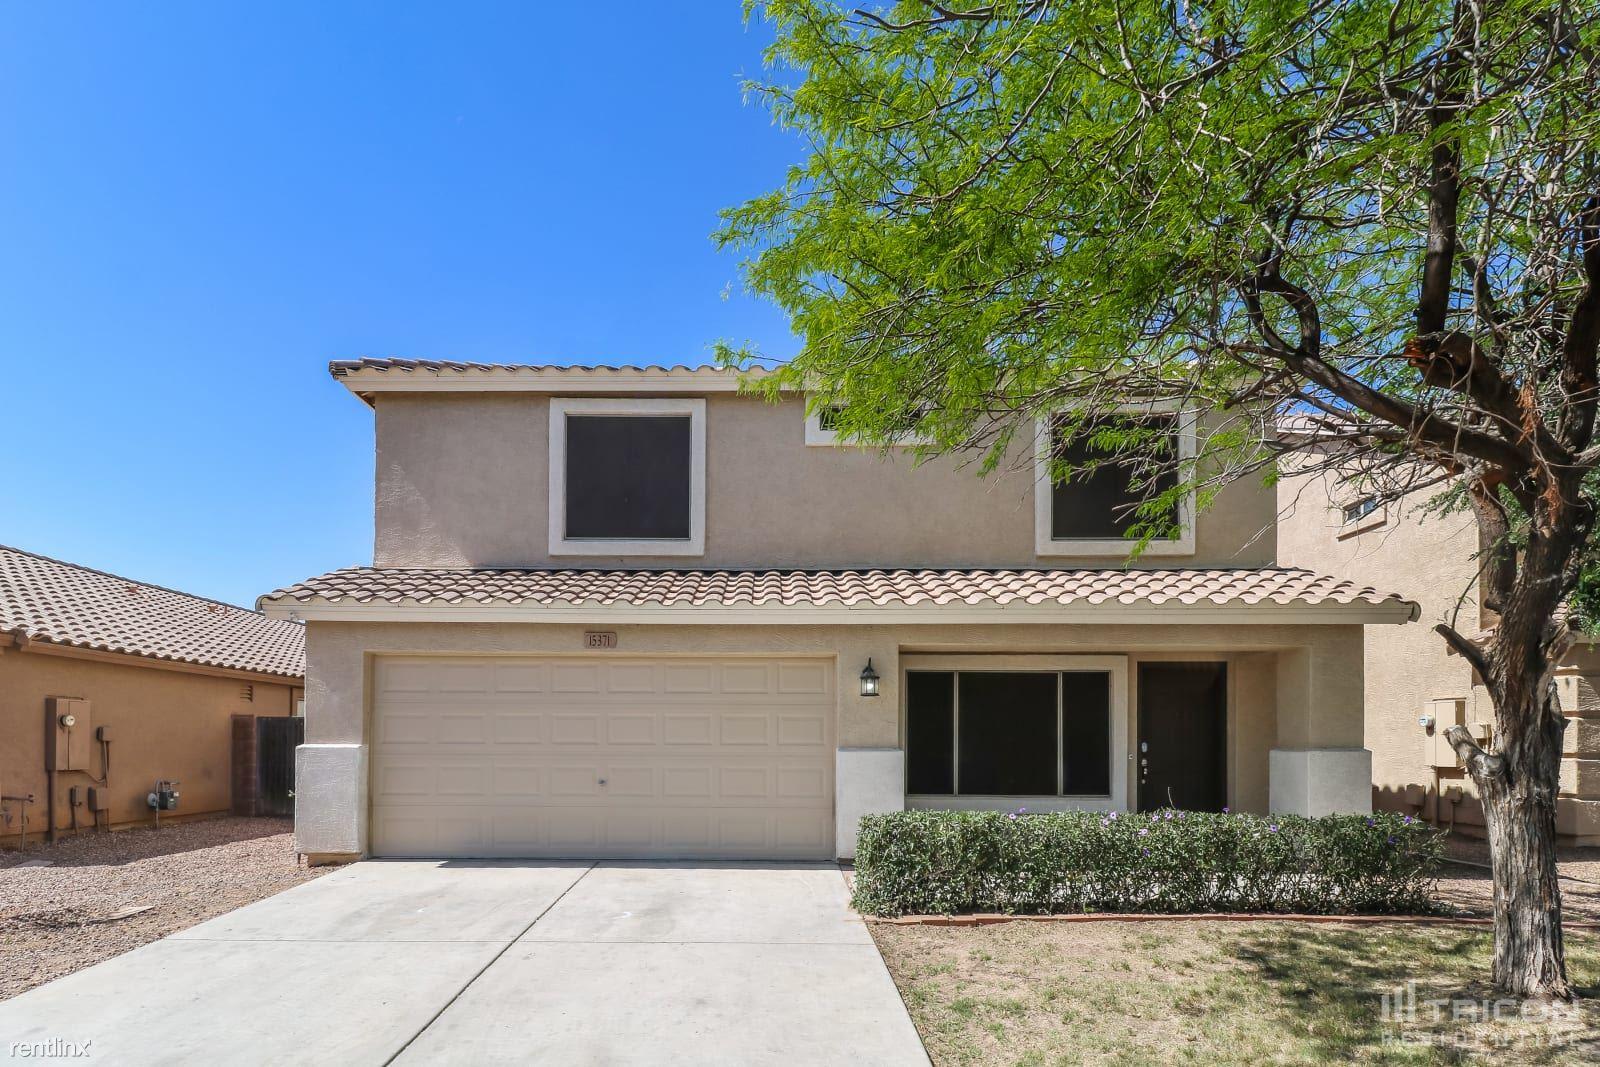 15371 W Shangri La Rd, Surprise, AZ - $1,849 USD/ month